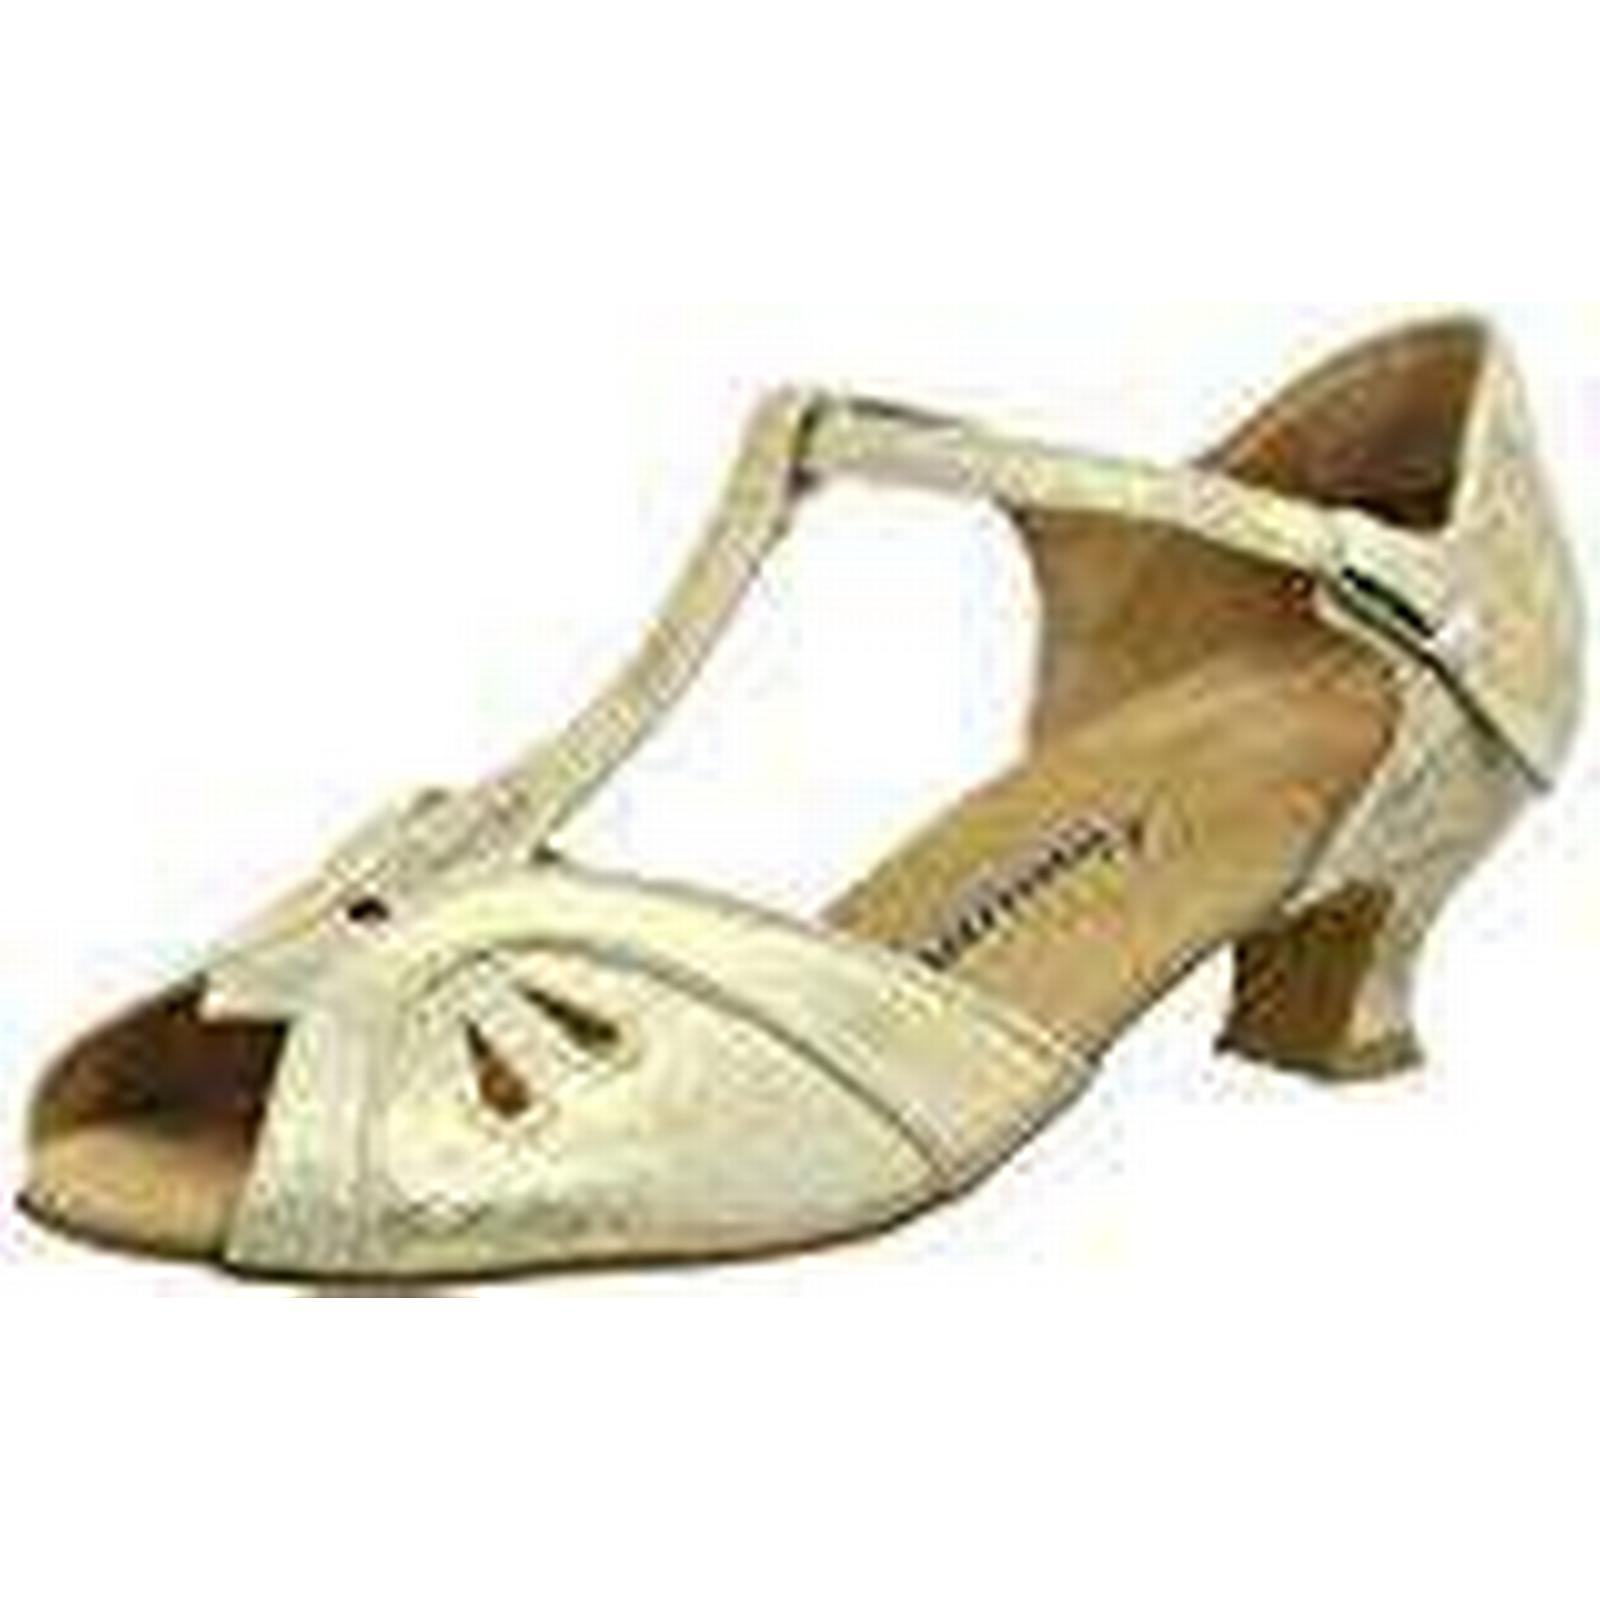 Diamant Damen Tanzschuhe 019-011-017, Women's Ballroom Dance Shoes, Gold (Gold 1/3 Magic), 4.5 UK (37 1/3 (Gold EU) e2e491